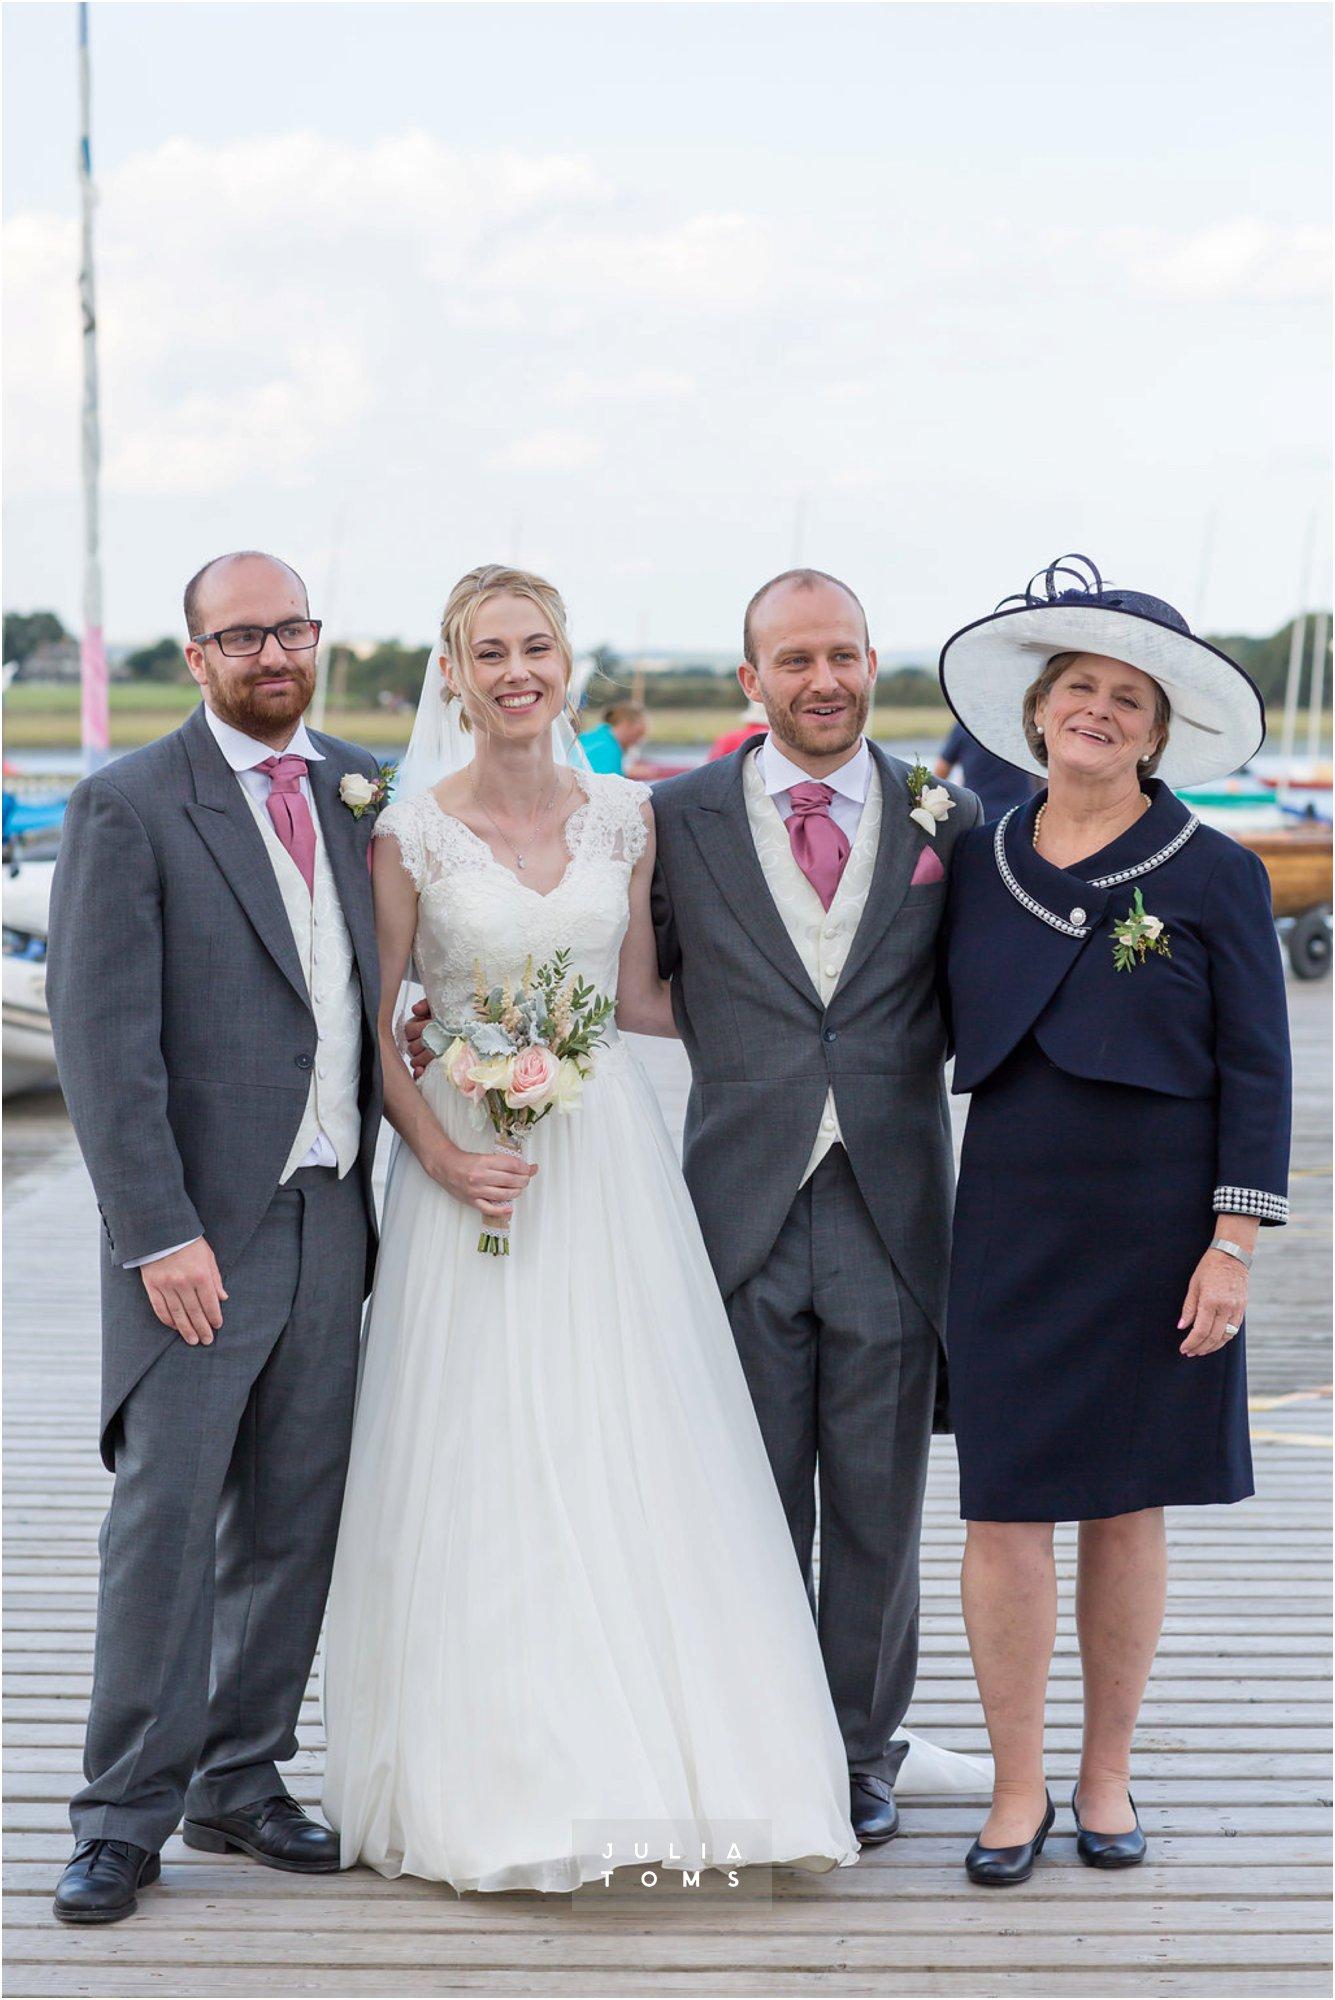 itchenor_wedding_chichester_photographer_063.jpg